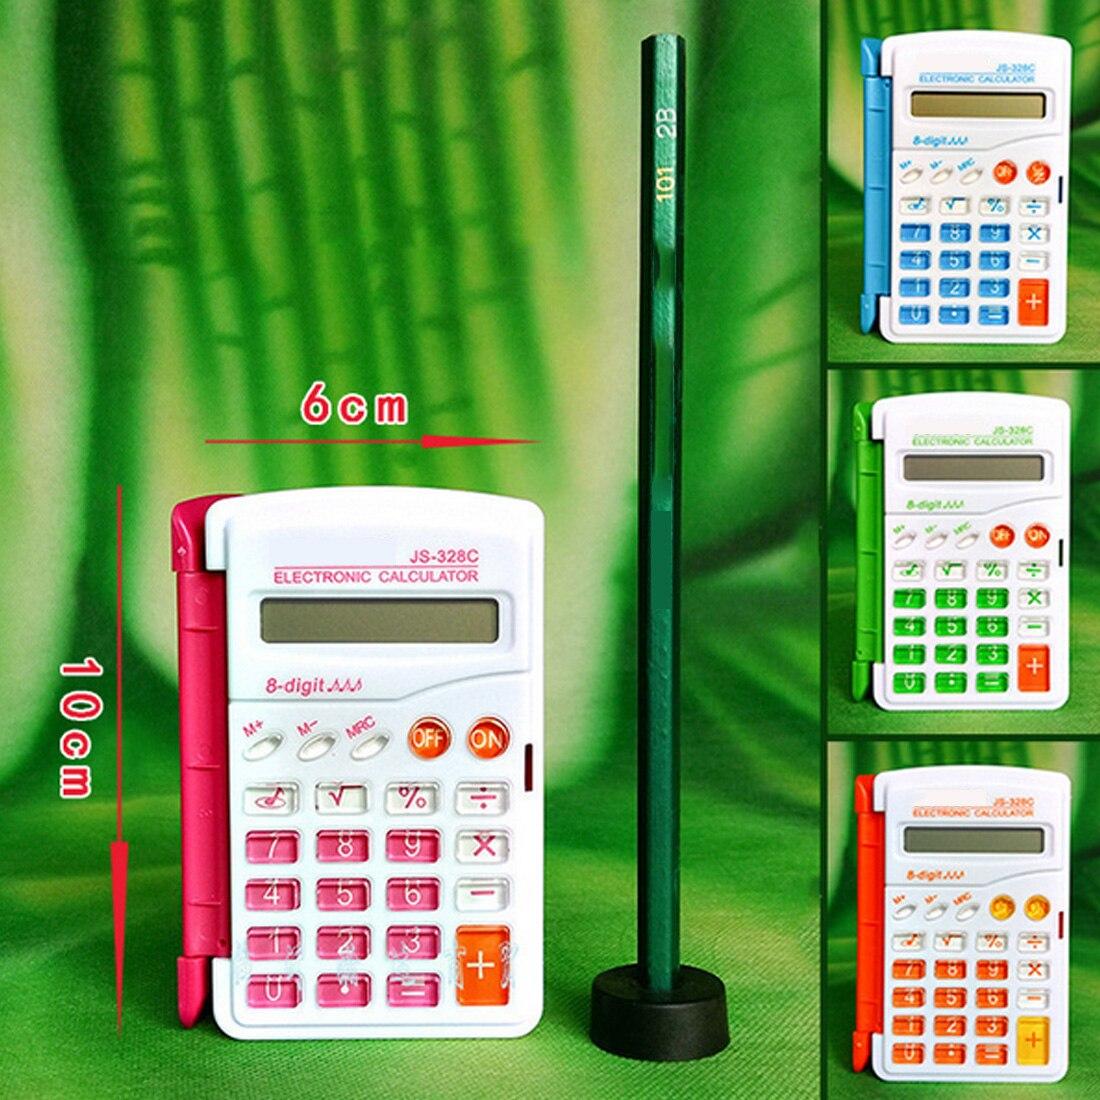 Noyokere Карамельный цвет офисные мини-научный калькулятор школьников Функция калькулятор multi Функция al часы калькулятор